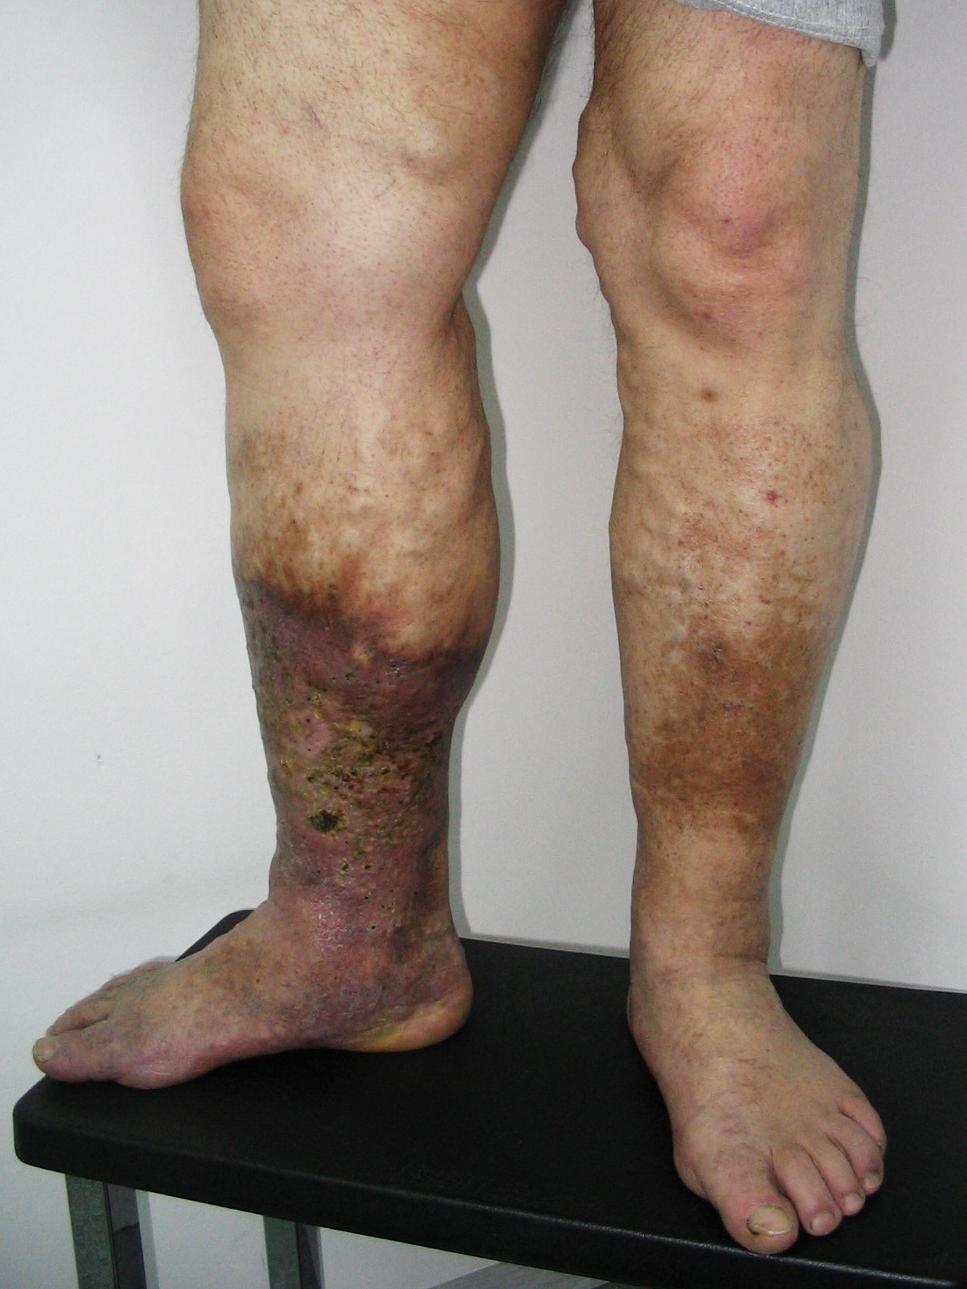 véna műtét az alsó végtagok visszeres megbetegedése esetén)